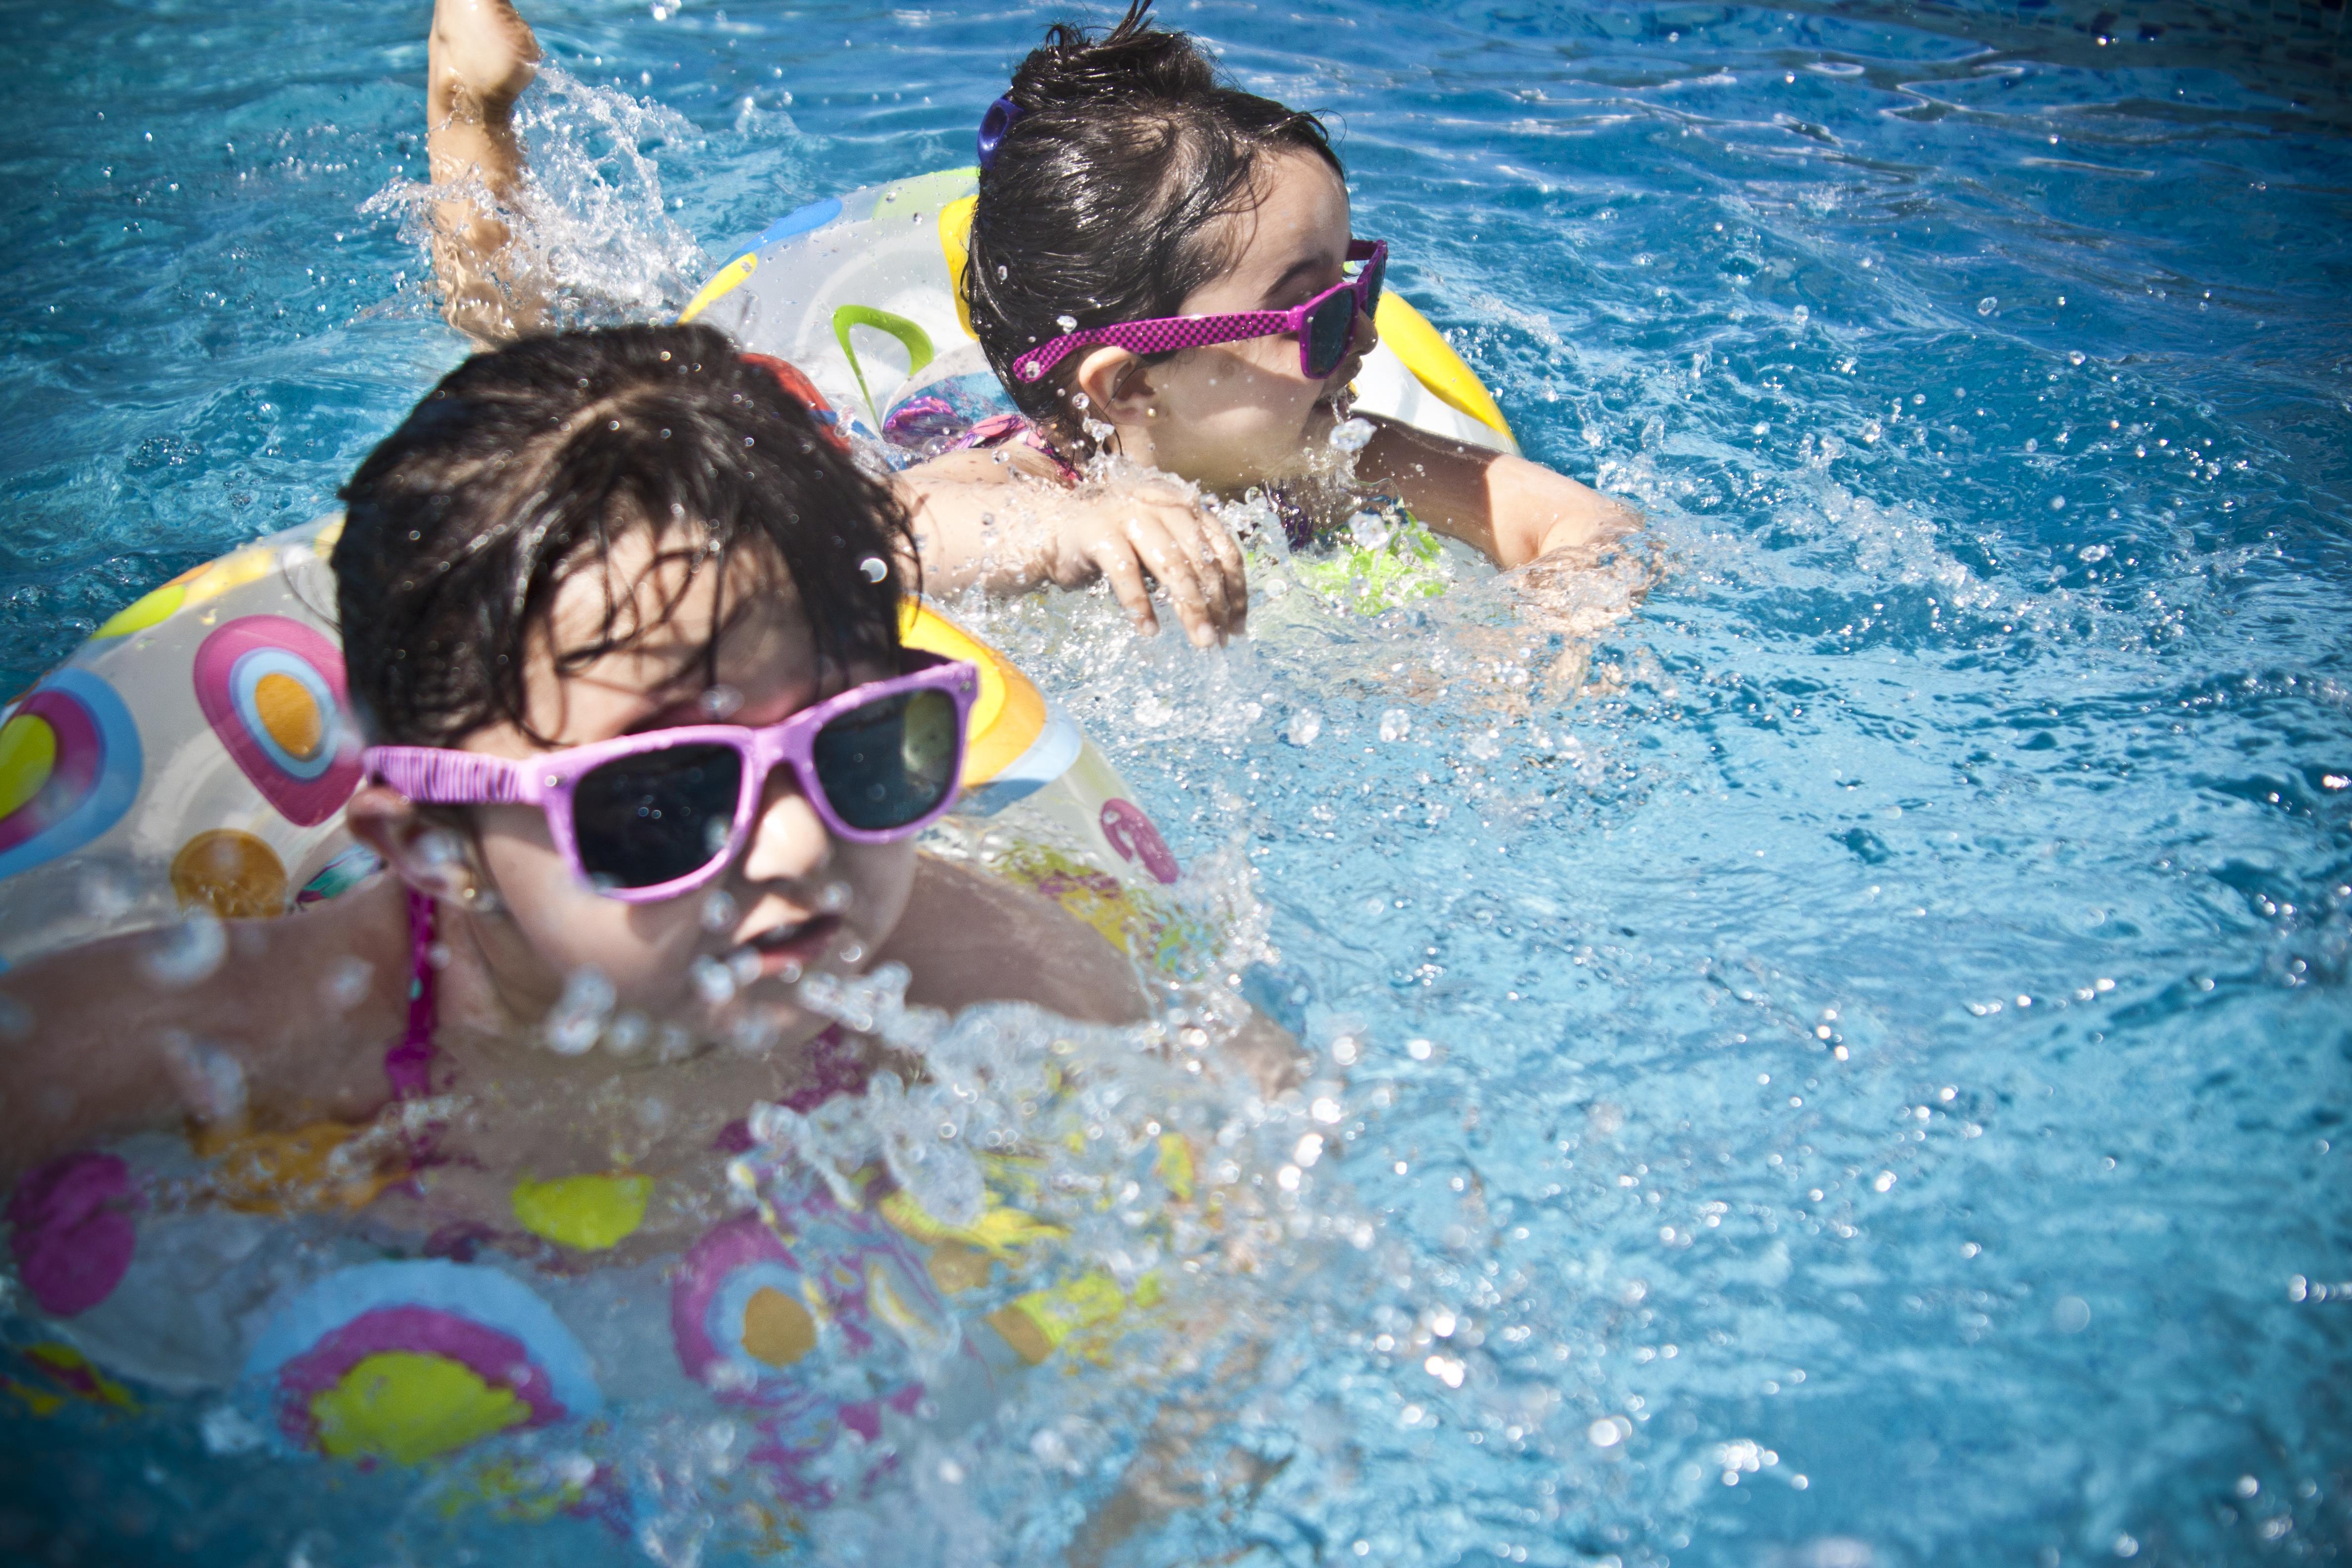 Laste ujumise prillid